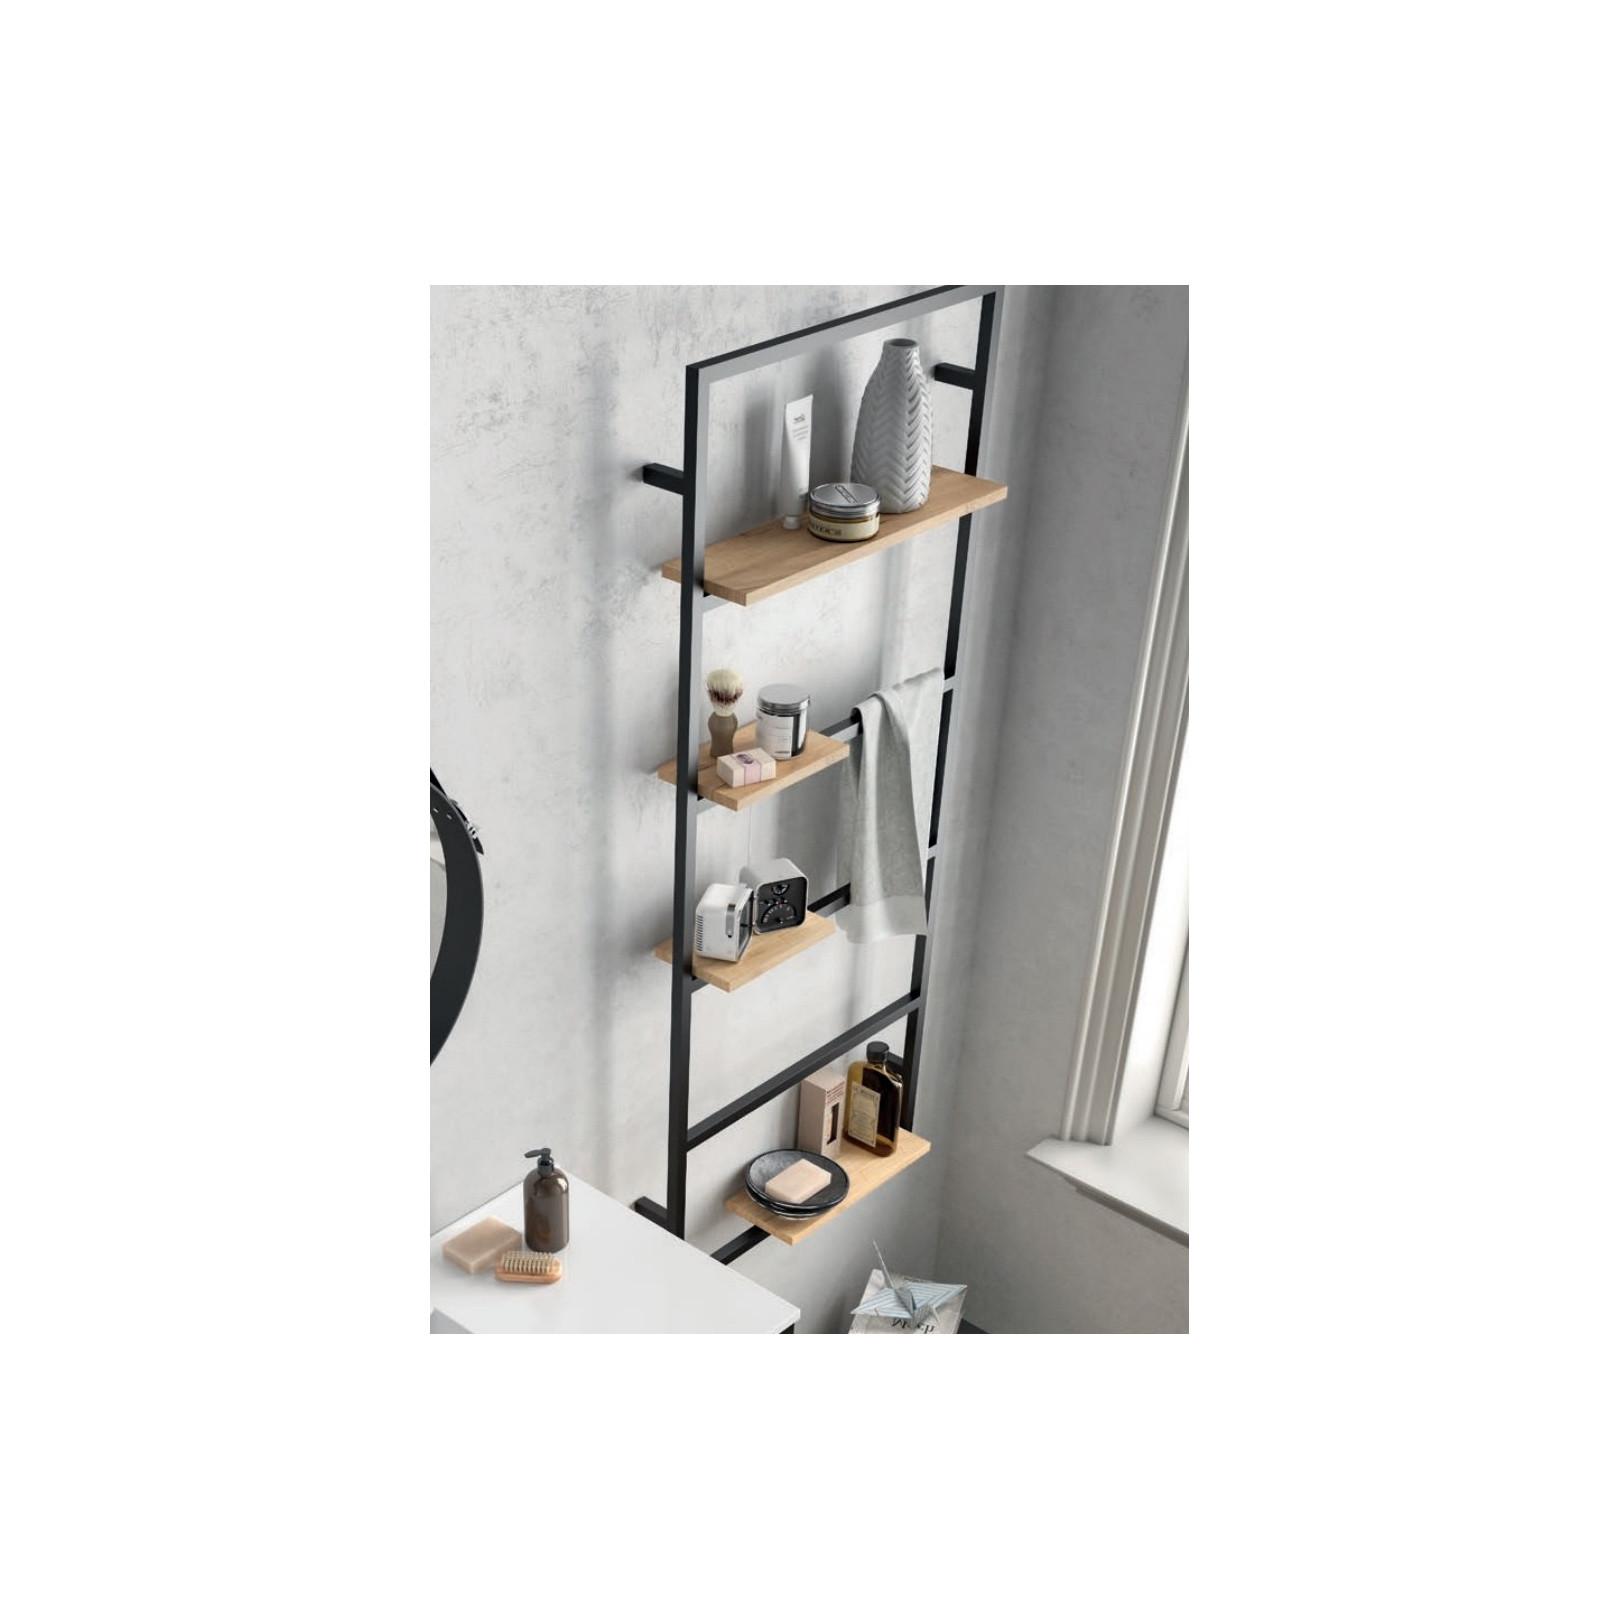 Etagère échelle avec porte serviette bain suspendu Vinci avec structure alu laqué noir et chêne africain